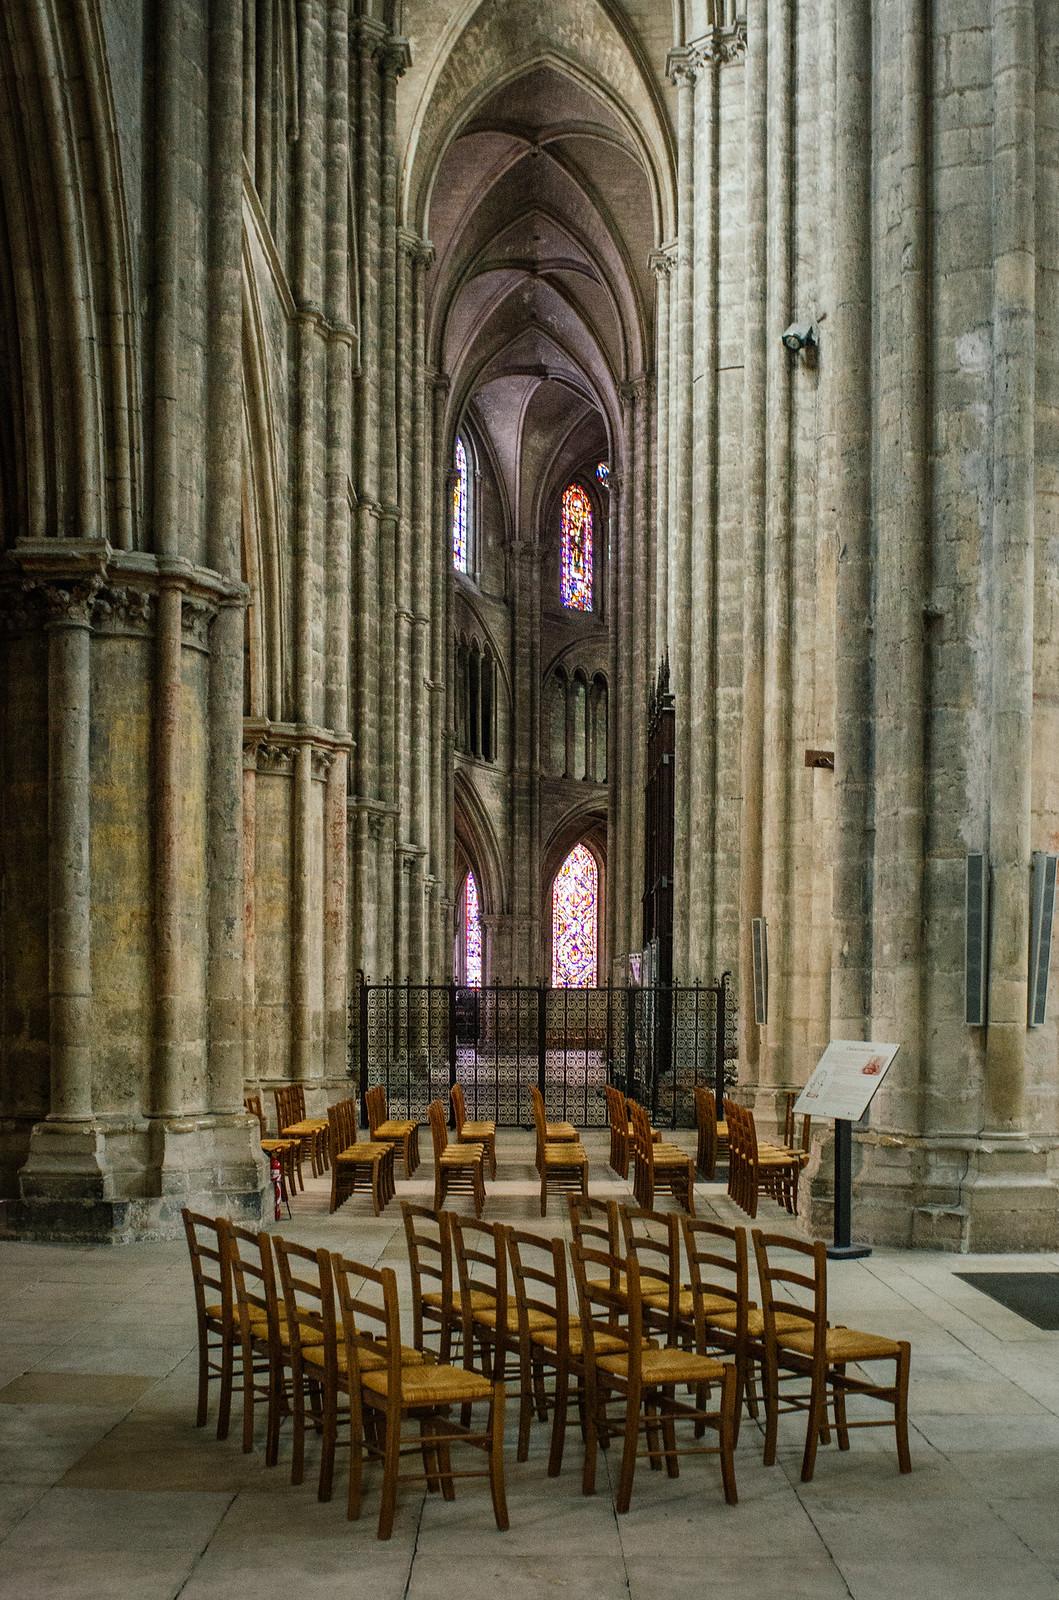 Carnet de voyage en Sologne - Sous les voûtes de la cathédrale de Bourges